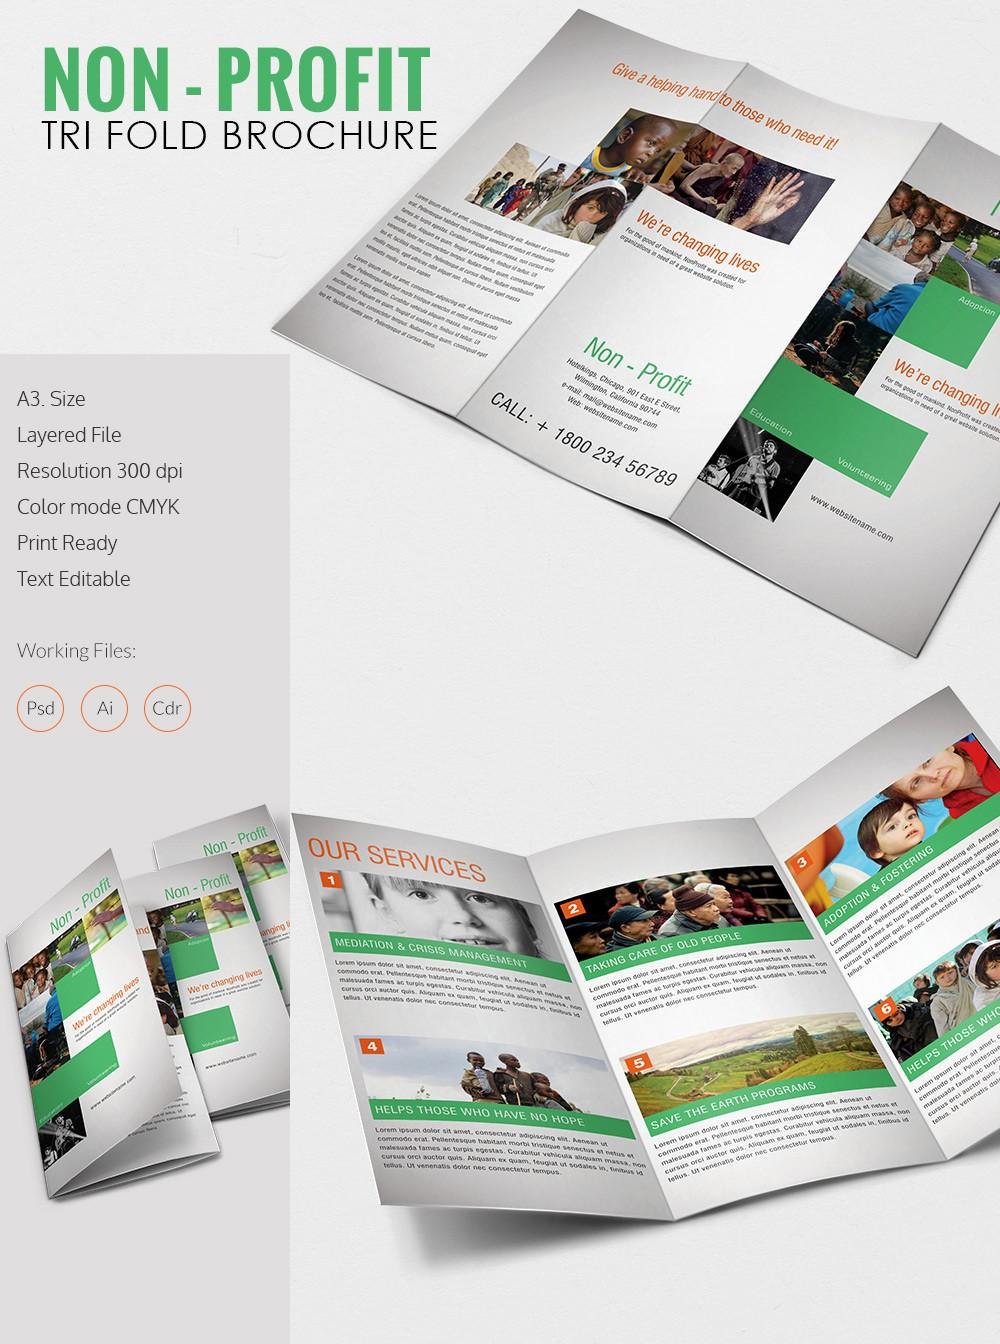 Non Profit organization Brochure Sample New Amazing Non Profit A3 Tri Fold Brochure Template Download